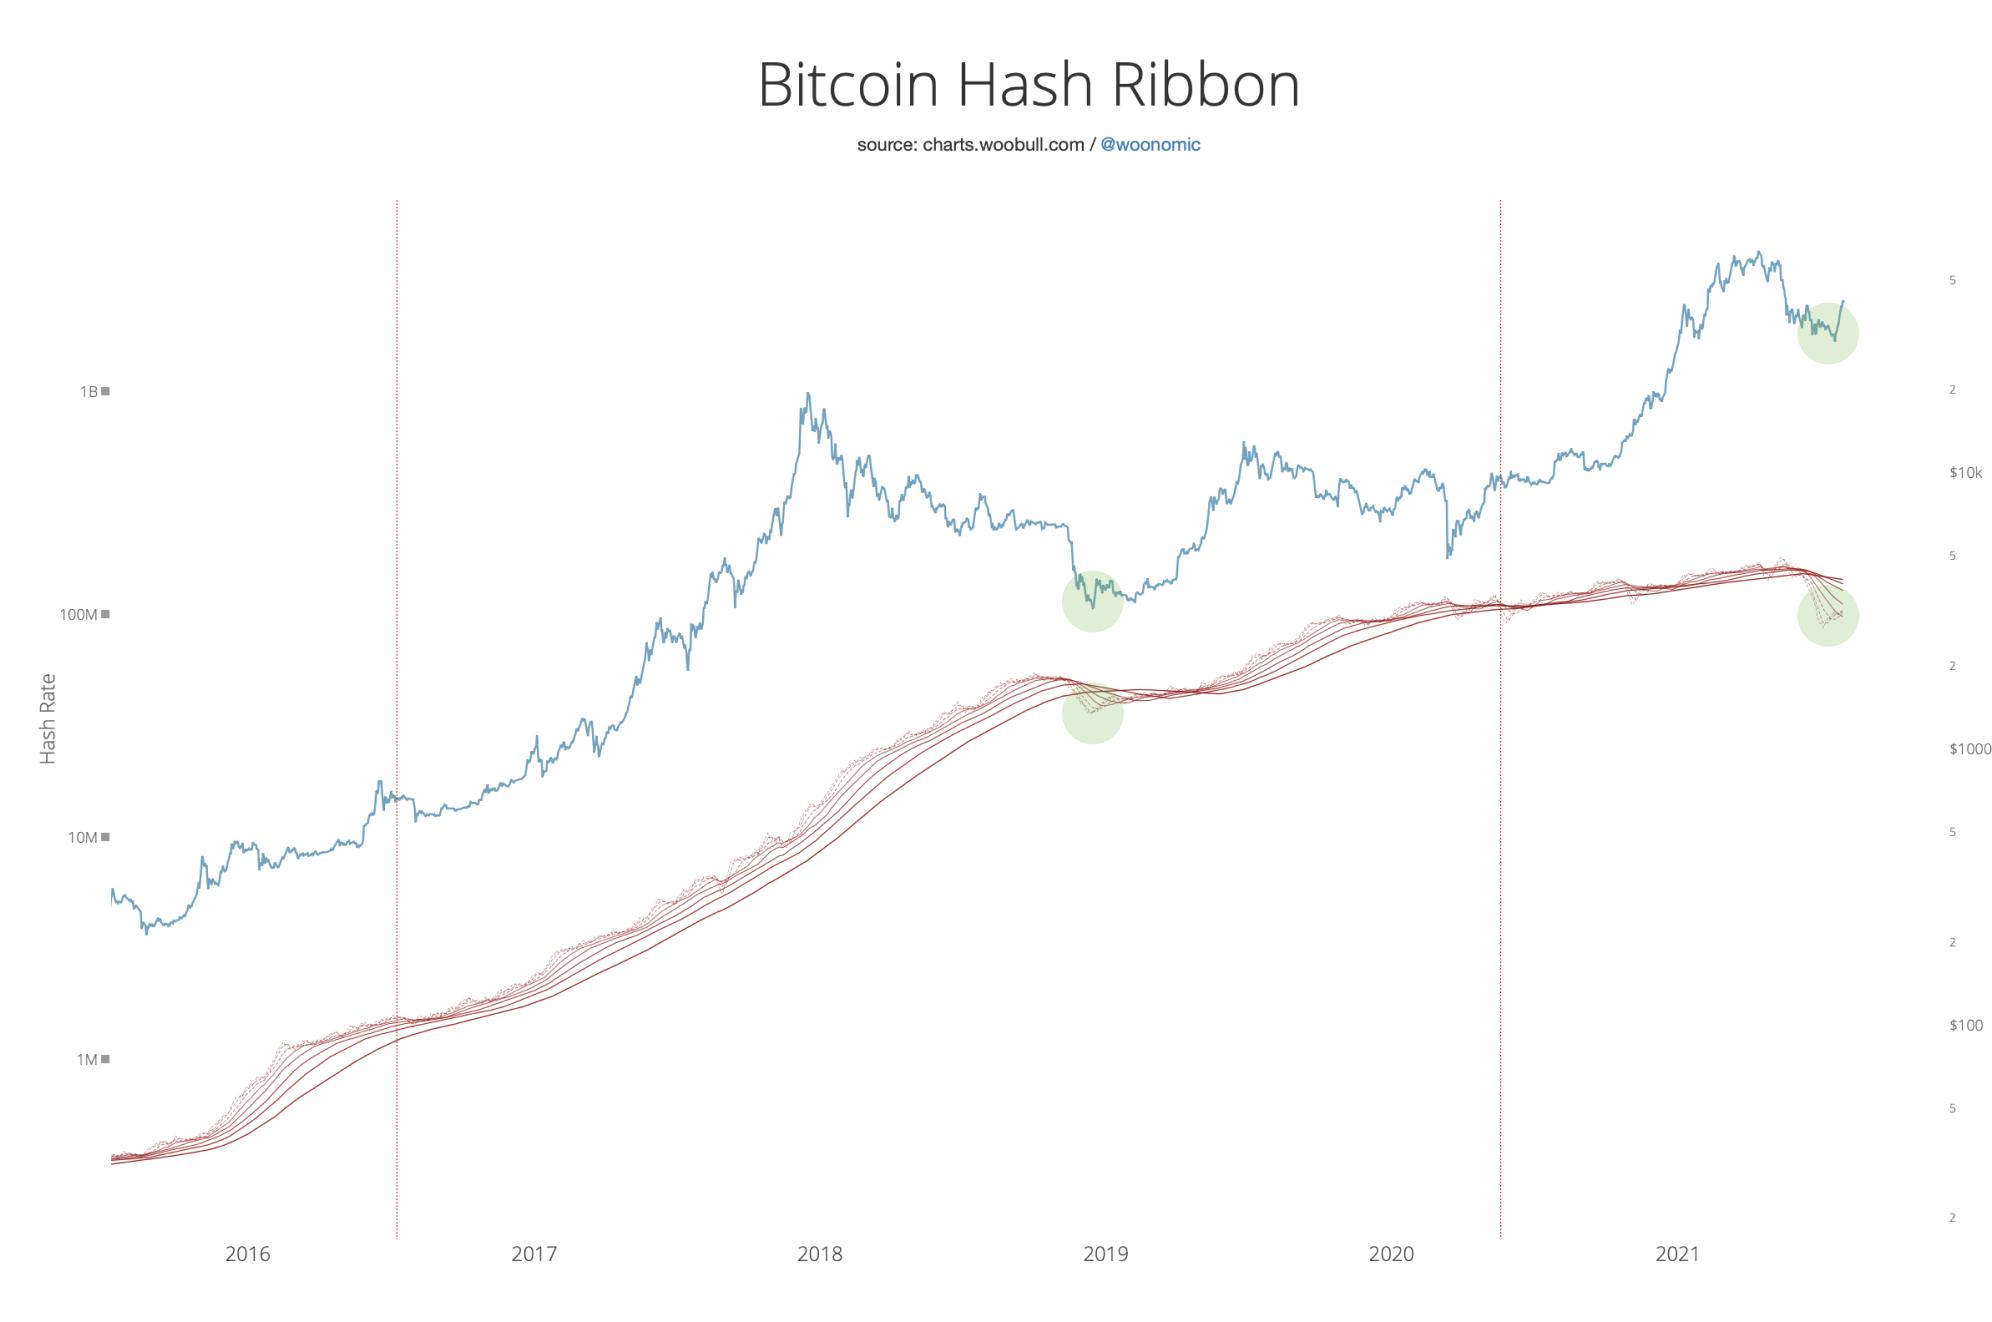 Hash ribbon di Bitcoin vs. price action in BTC/USD